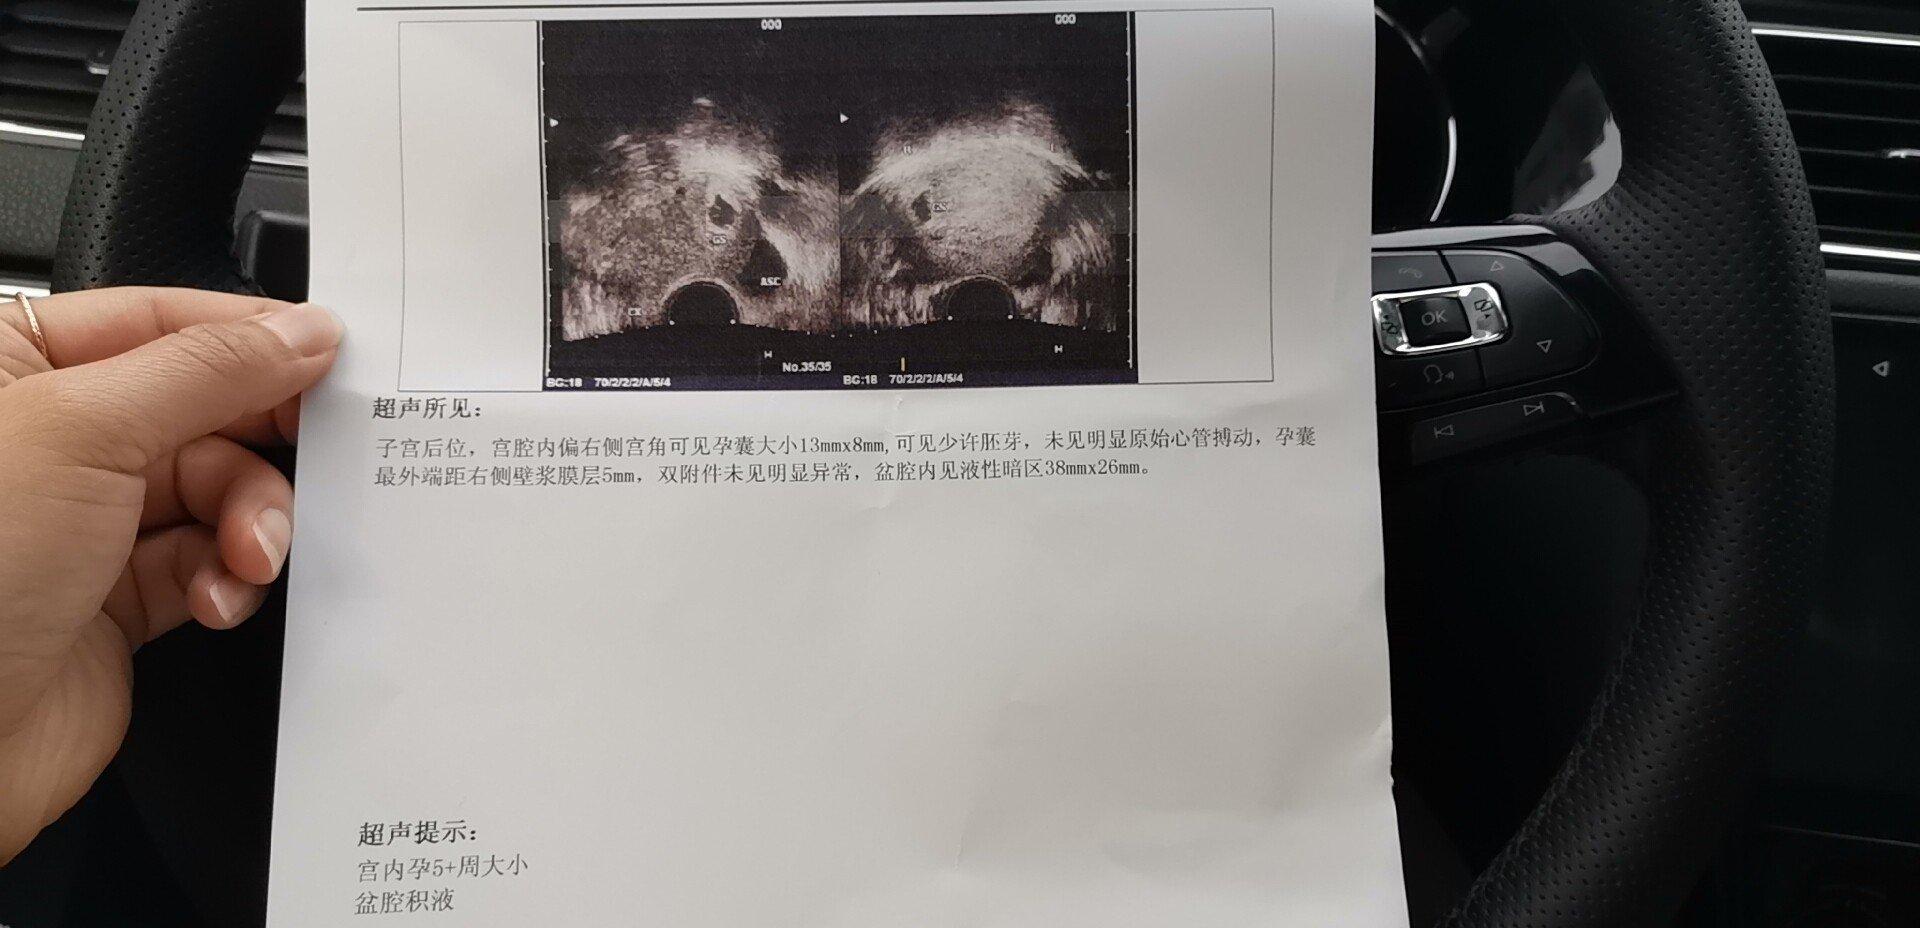 停经40天左右今天做阴超显示孕囊最外端距右侧